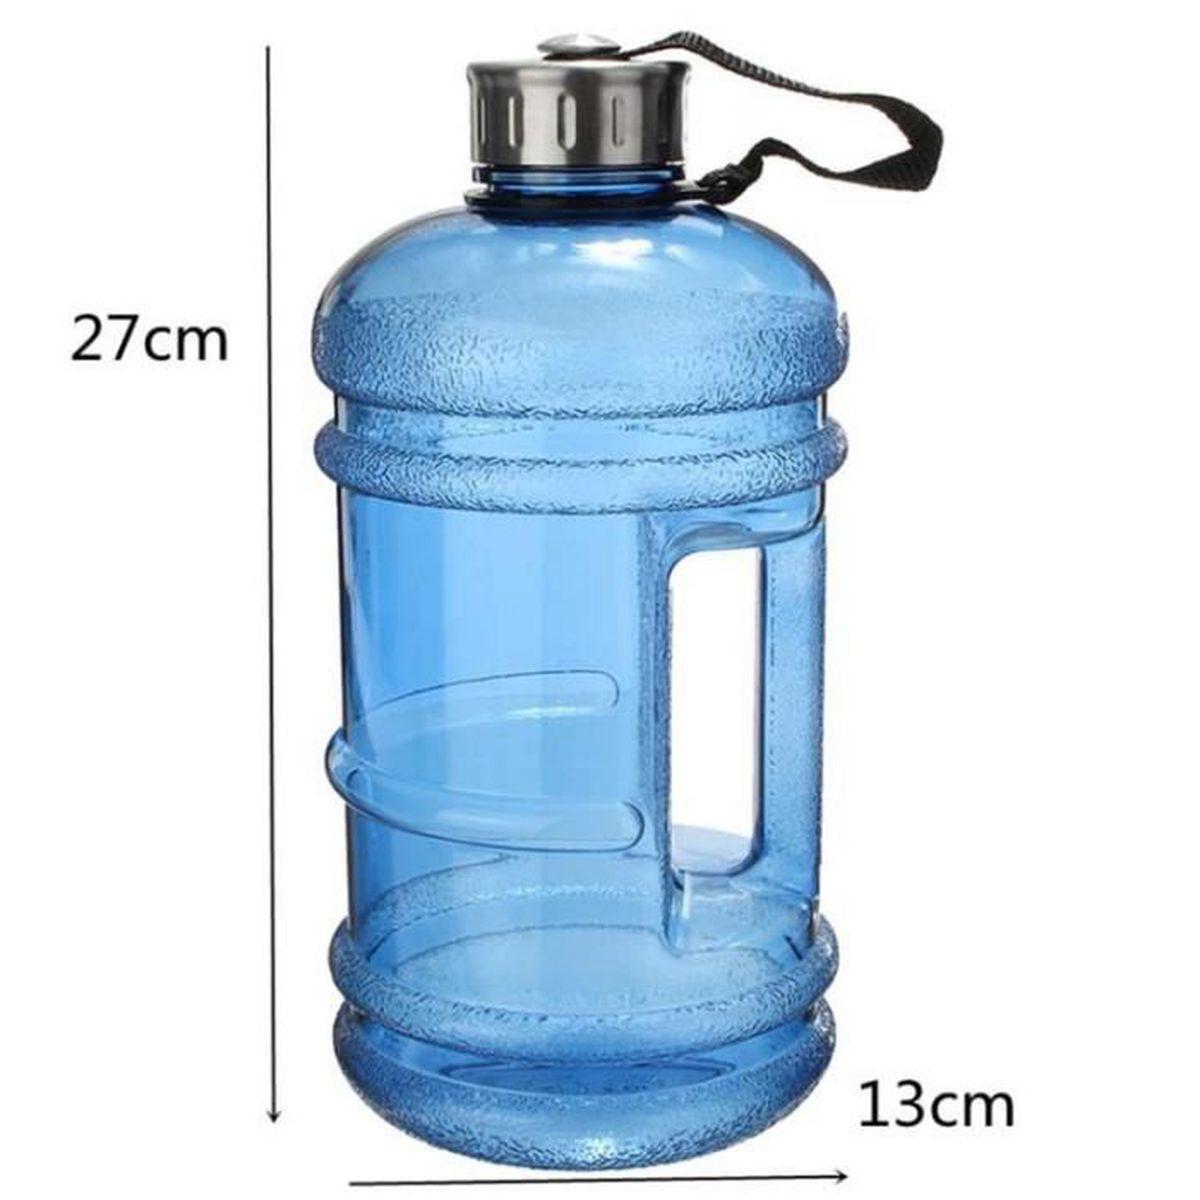 Bouilloire Isotherme se rapportant à 2,2l bouteille d'eau portable bleu clair de grande capacité